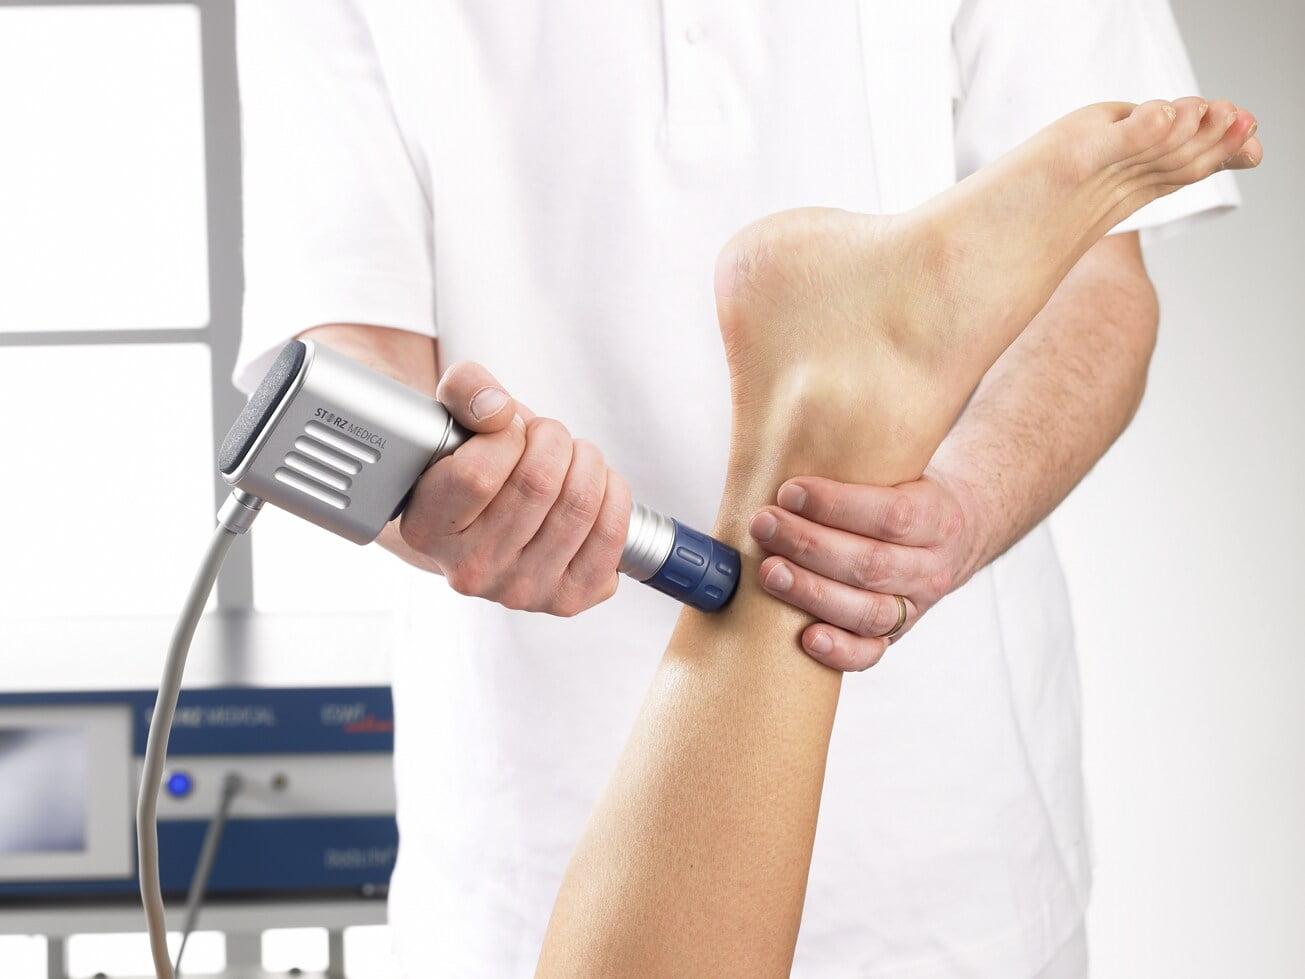 zapalenie ścięgna achillesa leczenie